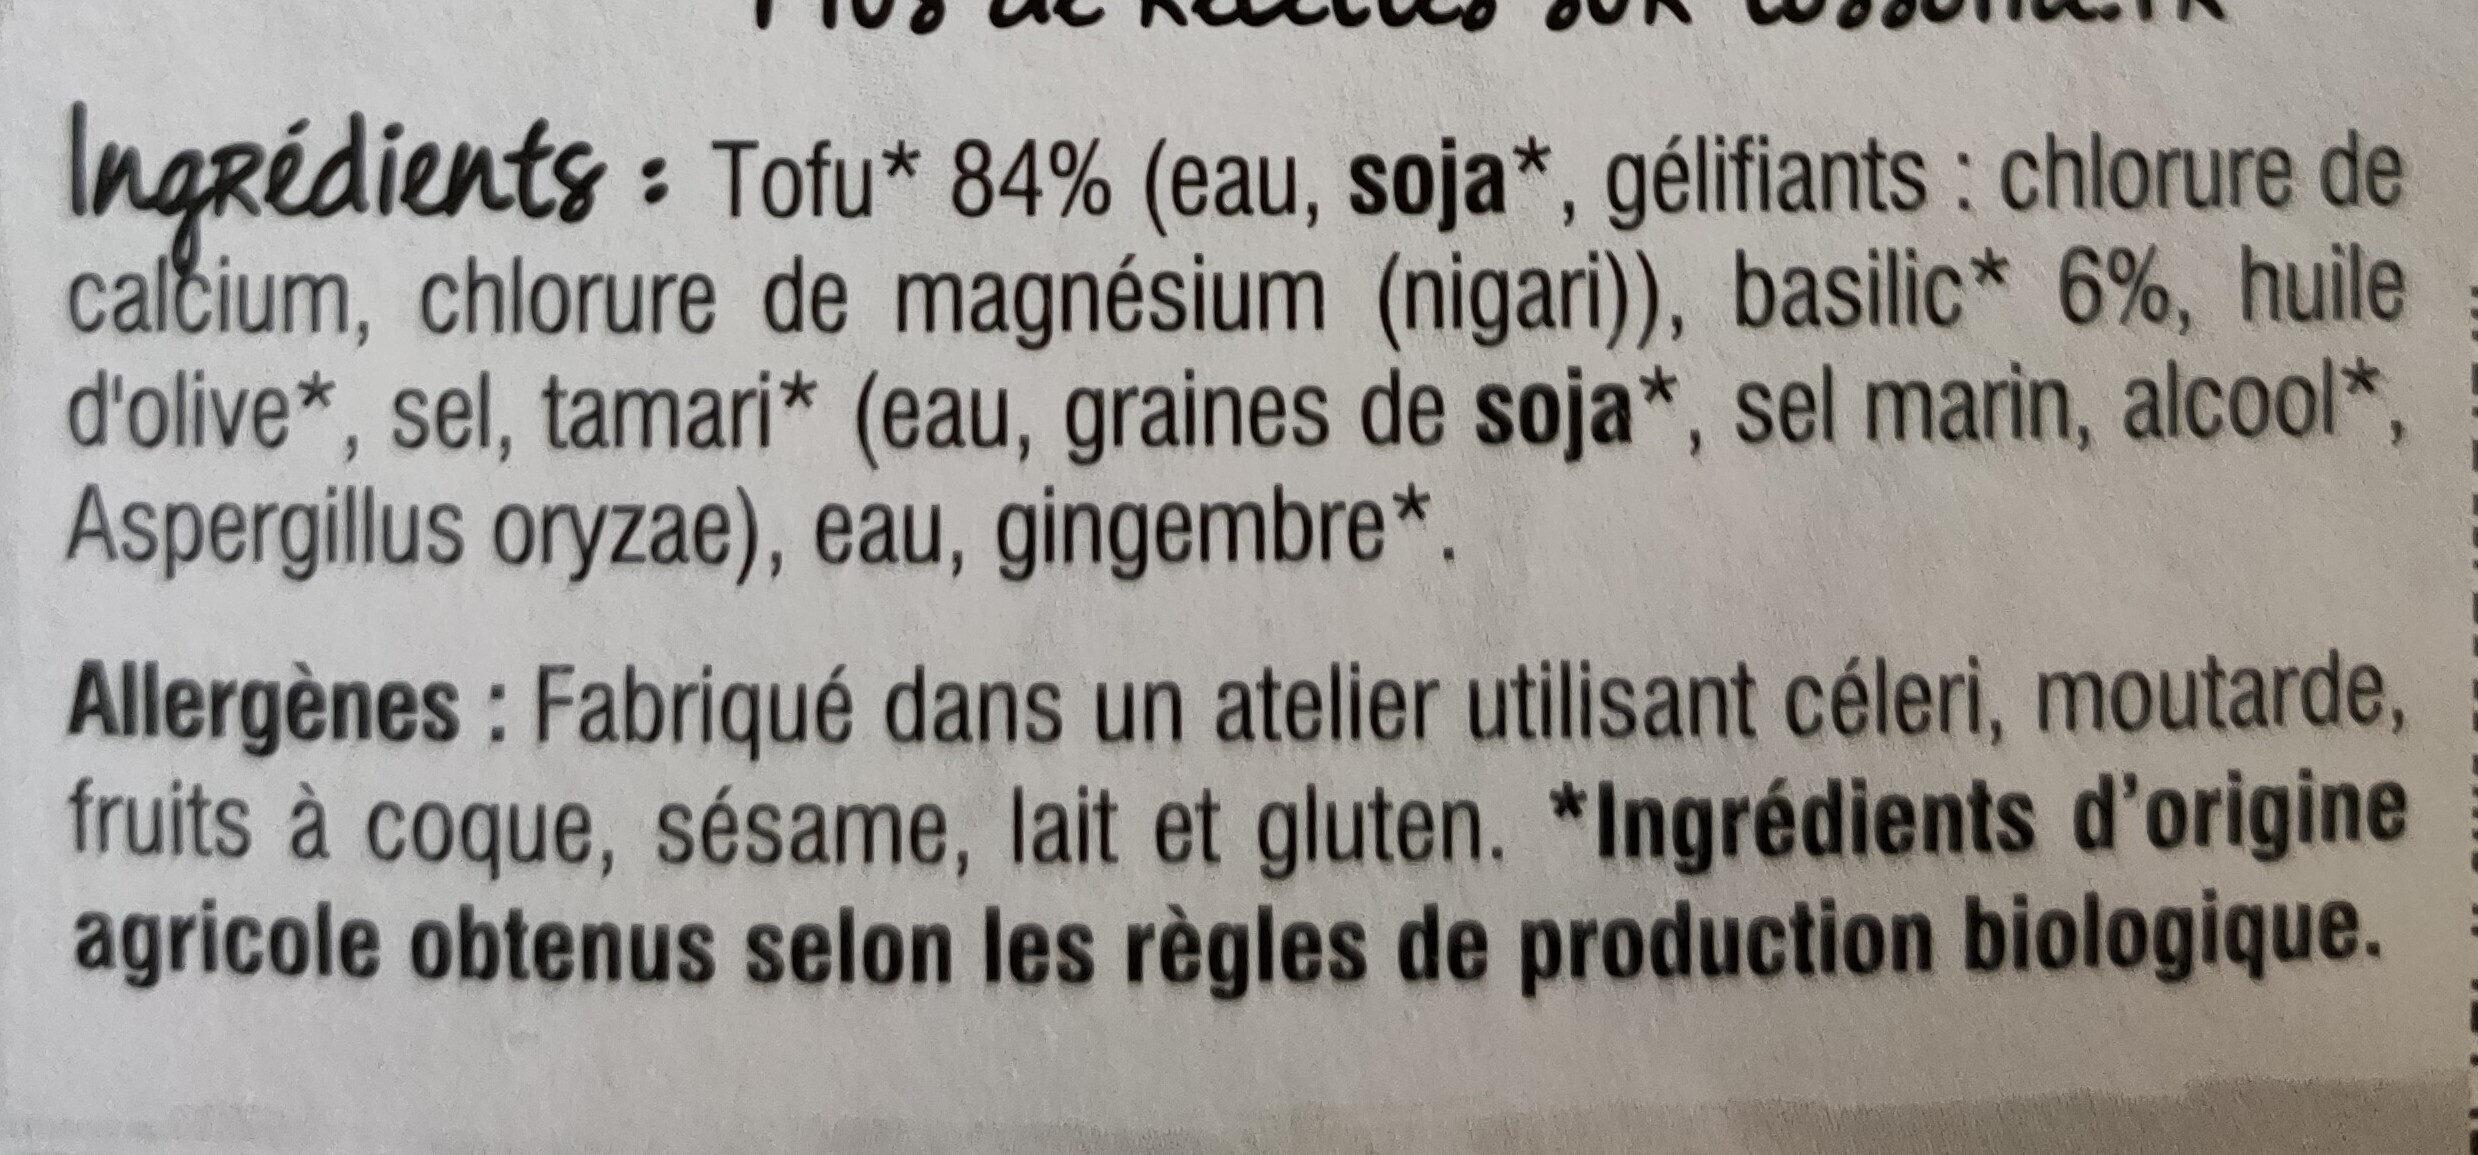 Tofu basilic - Ingrédients - fr